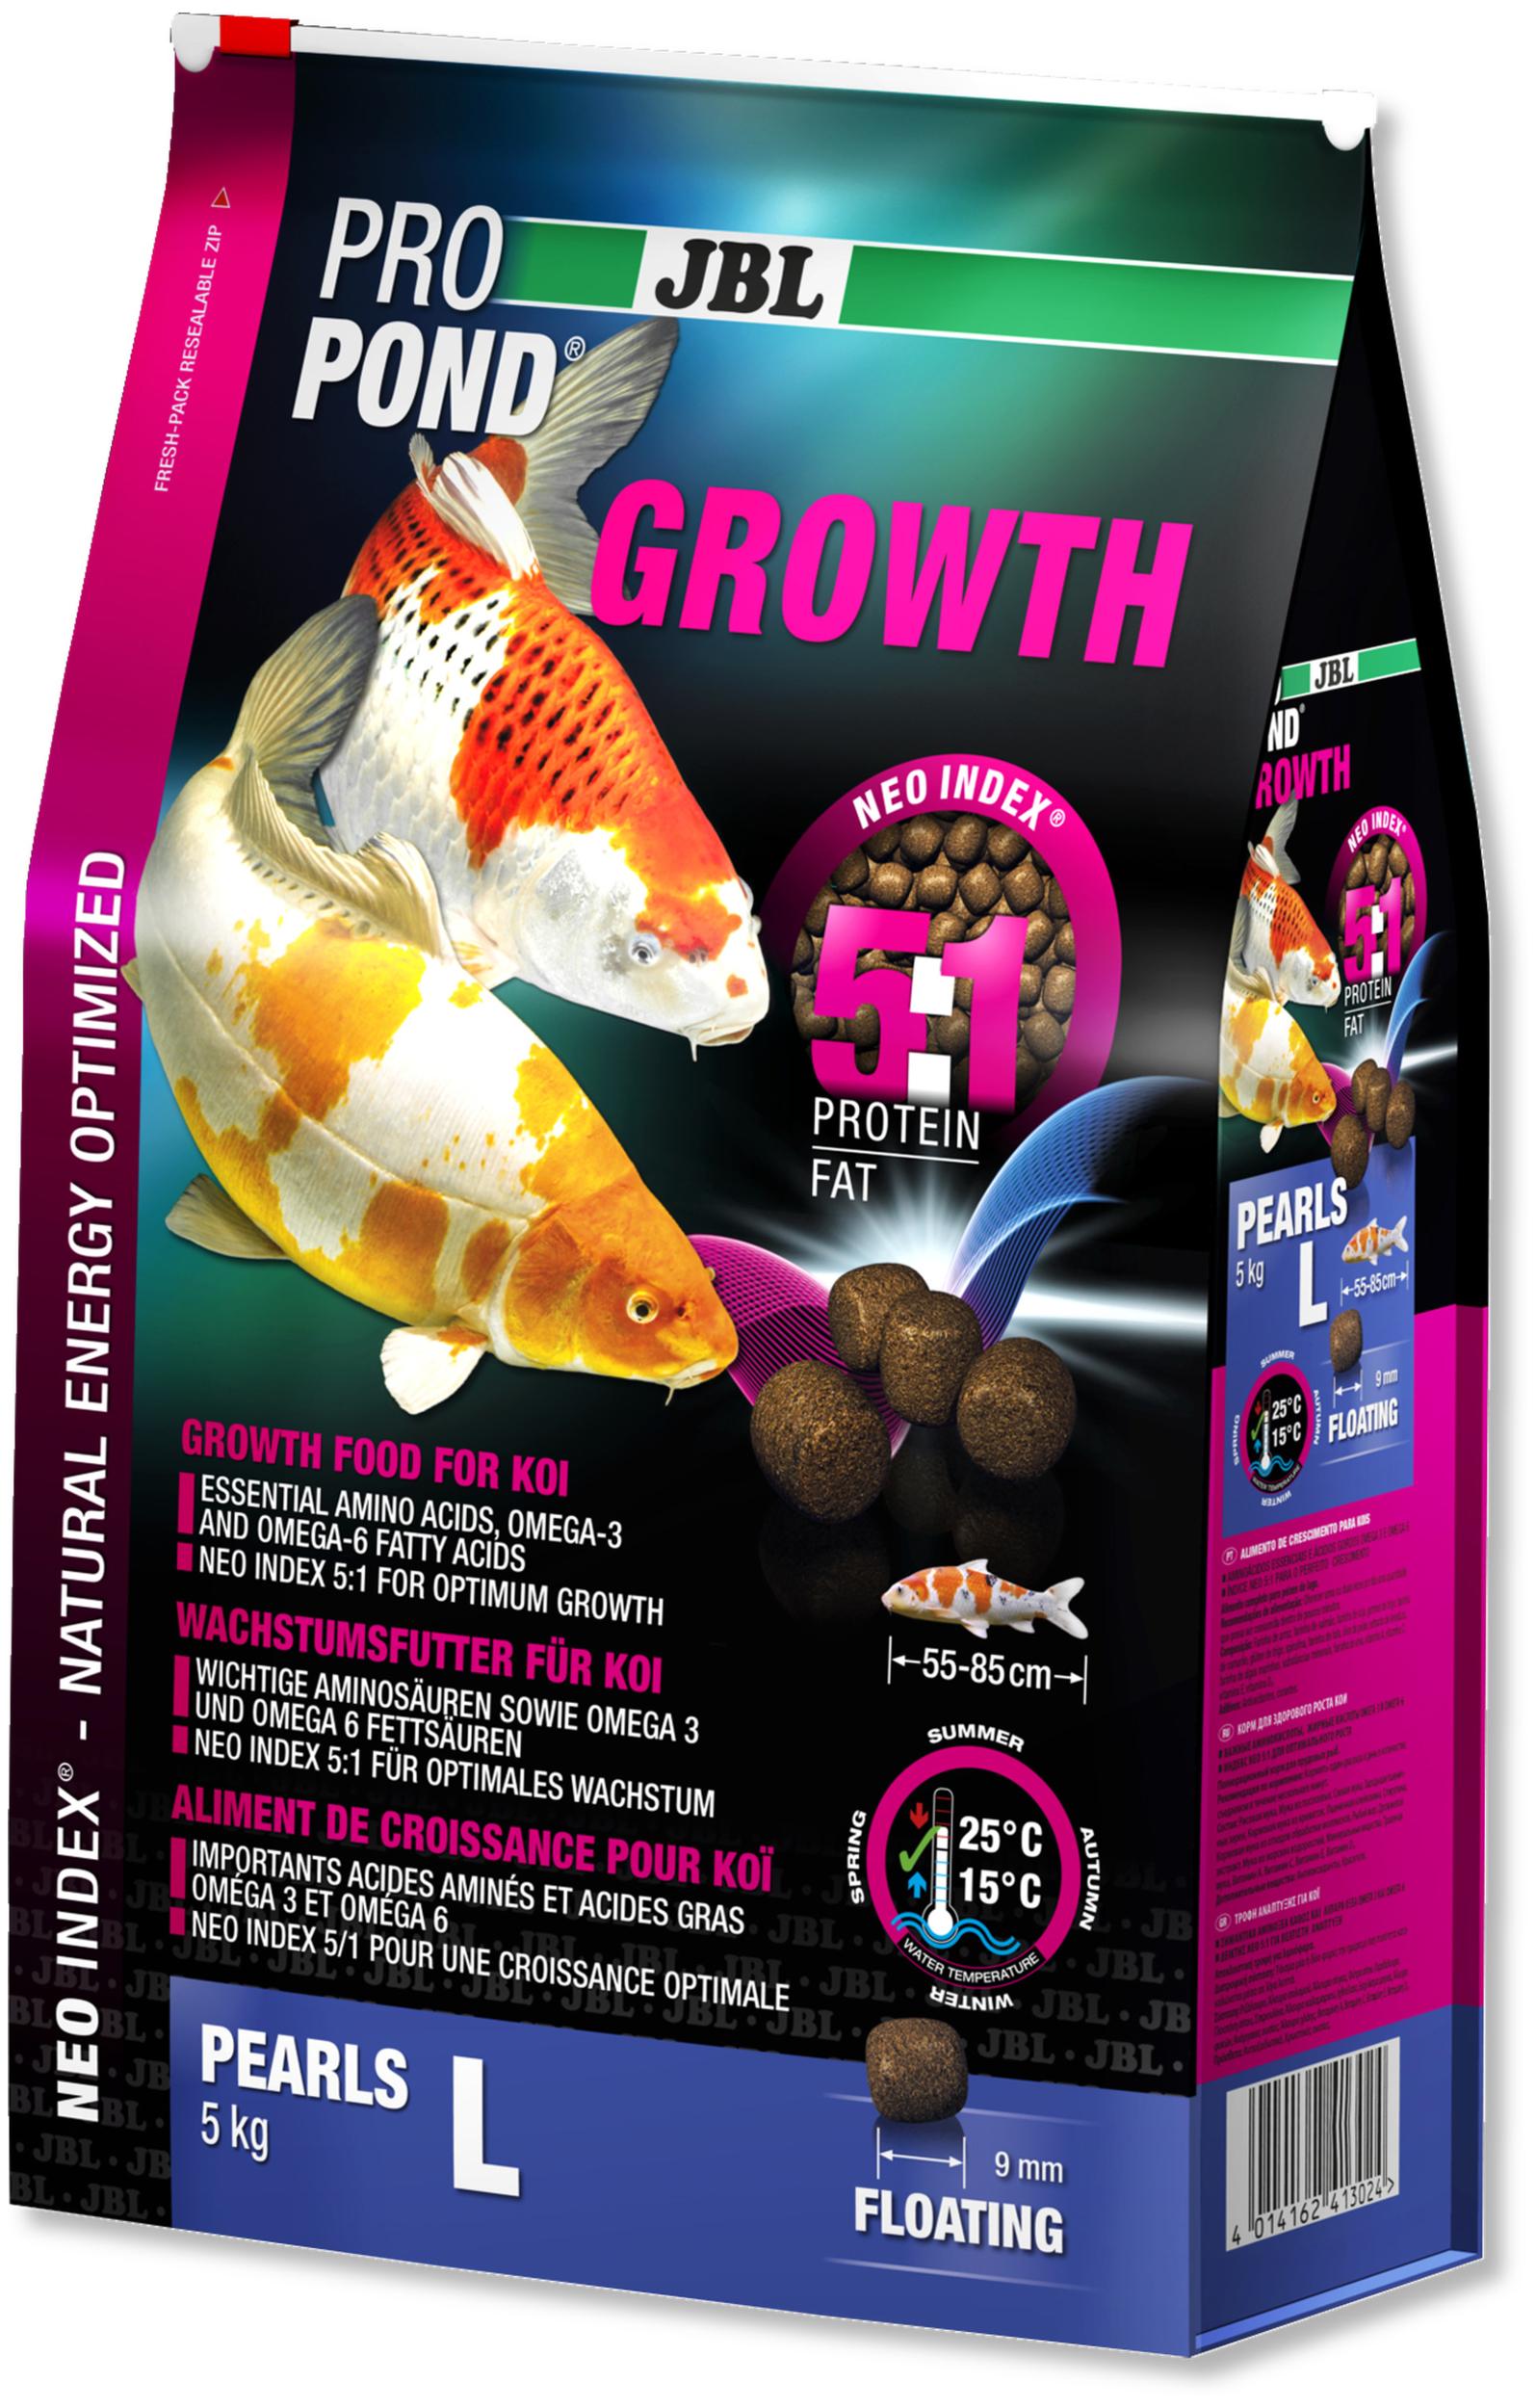 JBL ProPond Growth L 5 Kg nourriture Koïs spéciale croissance sous forme de perles pour poissons de 55 à 85 cm